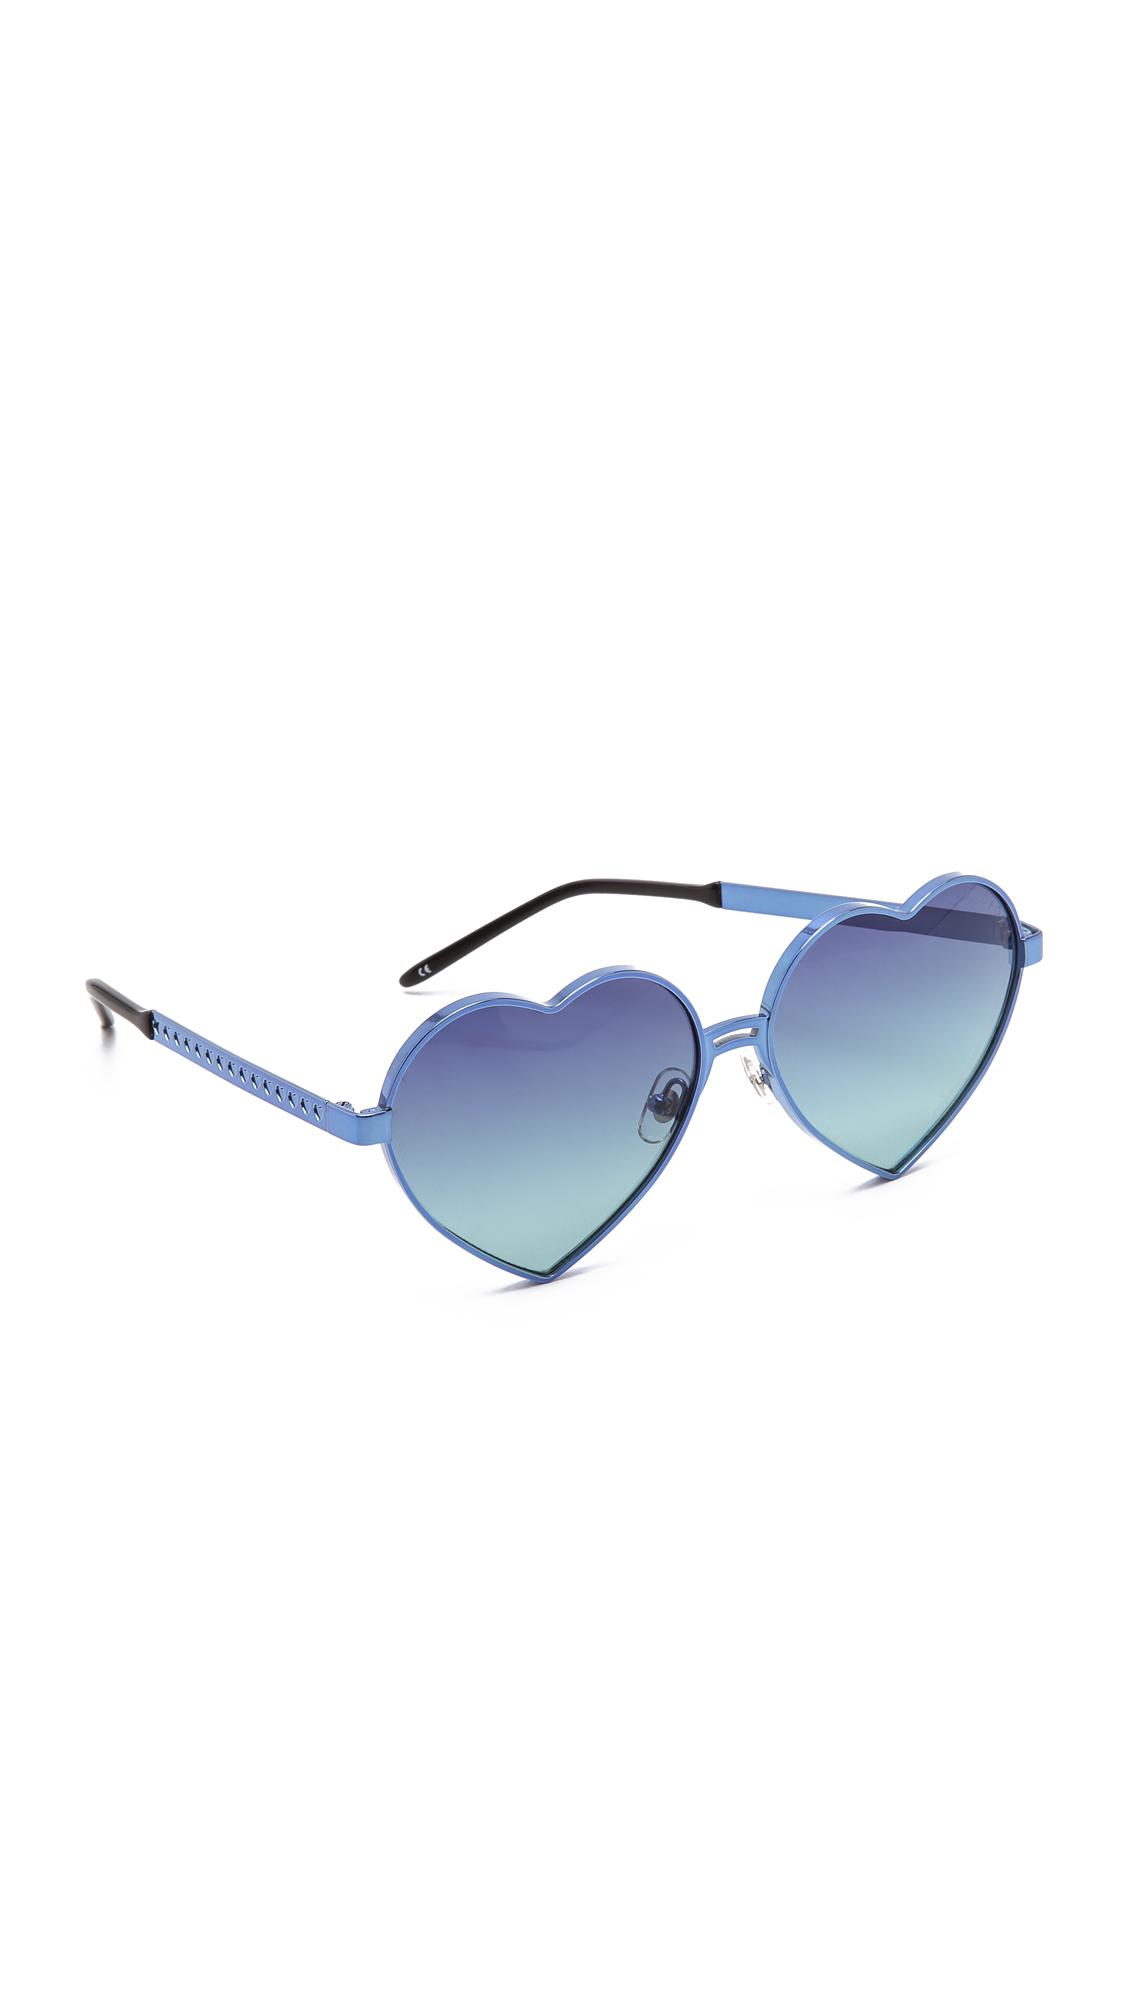 775f7e4b24a33 ... Wildfox Sunglasses